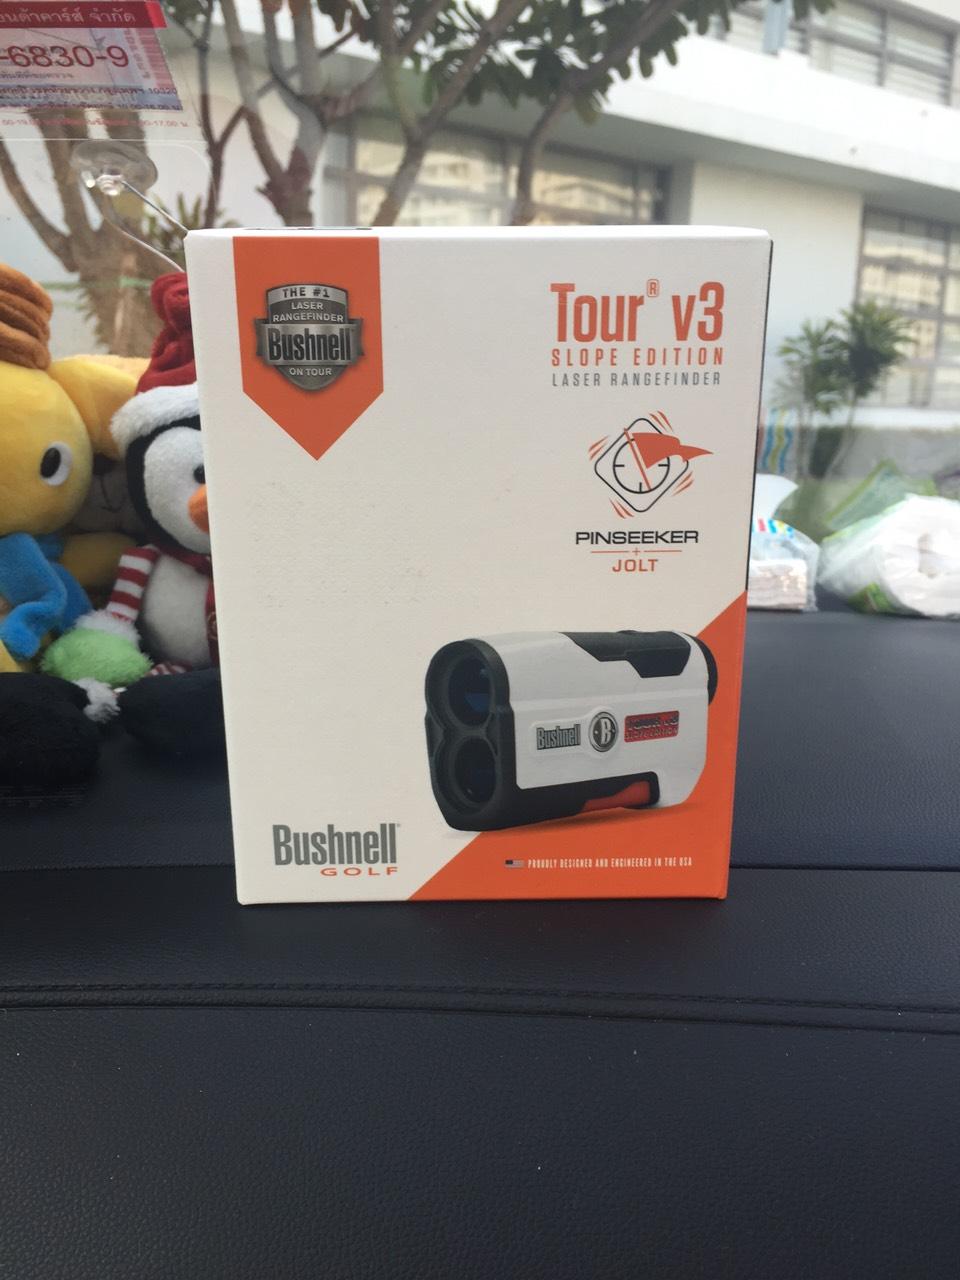 กล้องวัดระยะ bushnell Tour V3 Slope ของใหม่